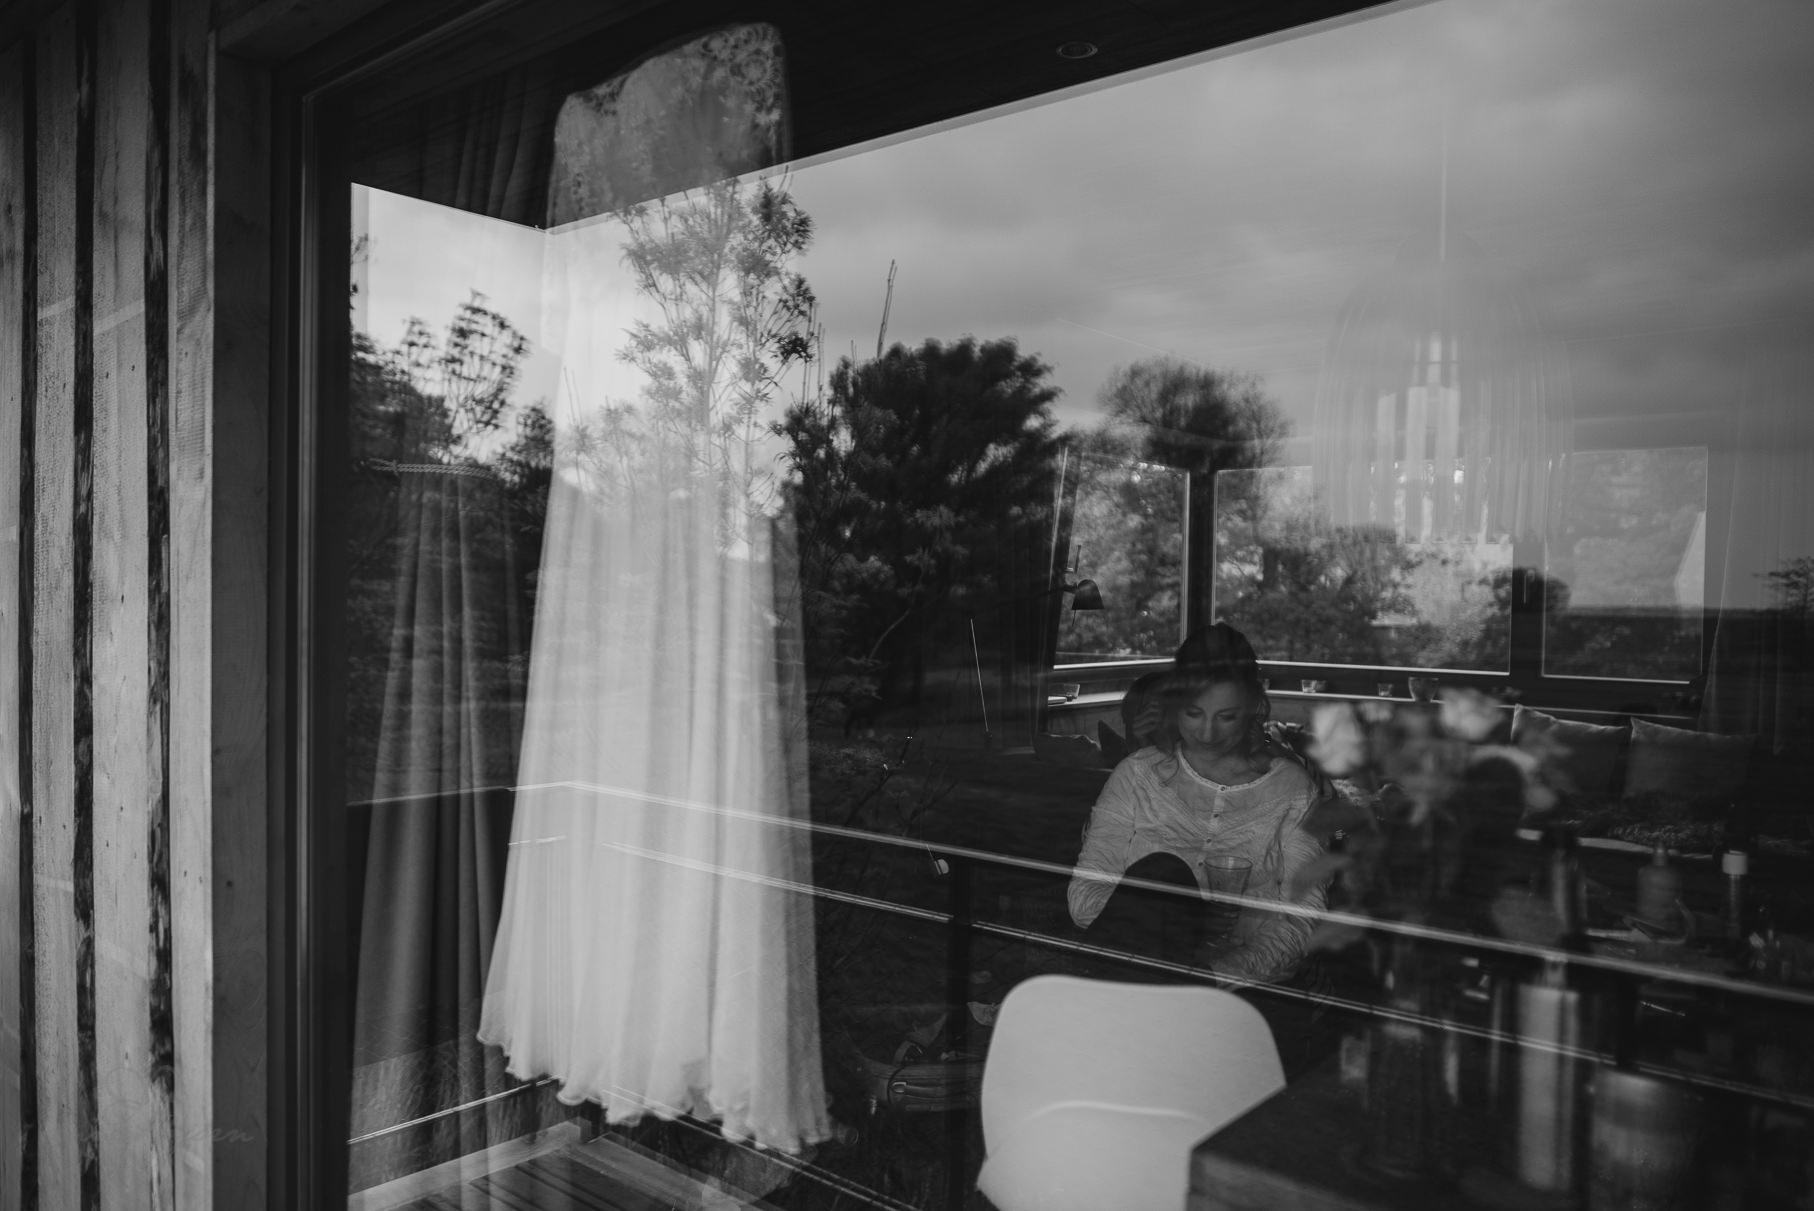 0022 anne und bjoern Manu und Sven D75 9037 1 - DIY Hochzeit im Erdhaus auf dem alten Land - Manuela & Sven